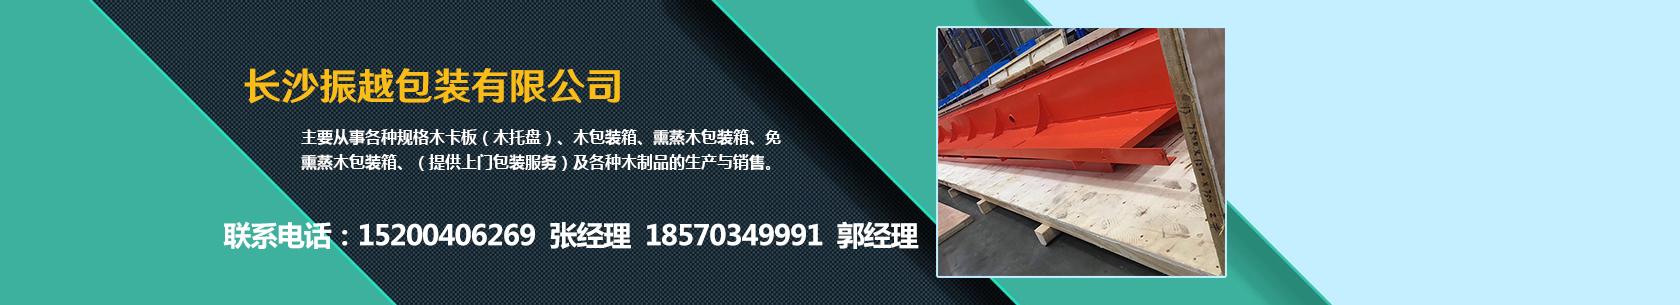 湖南万博app官方下载手机版